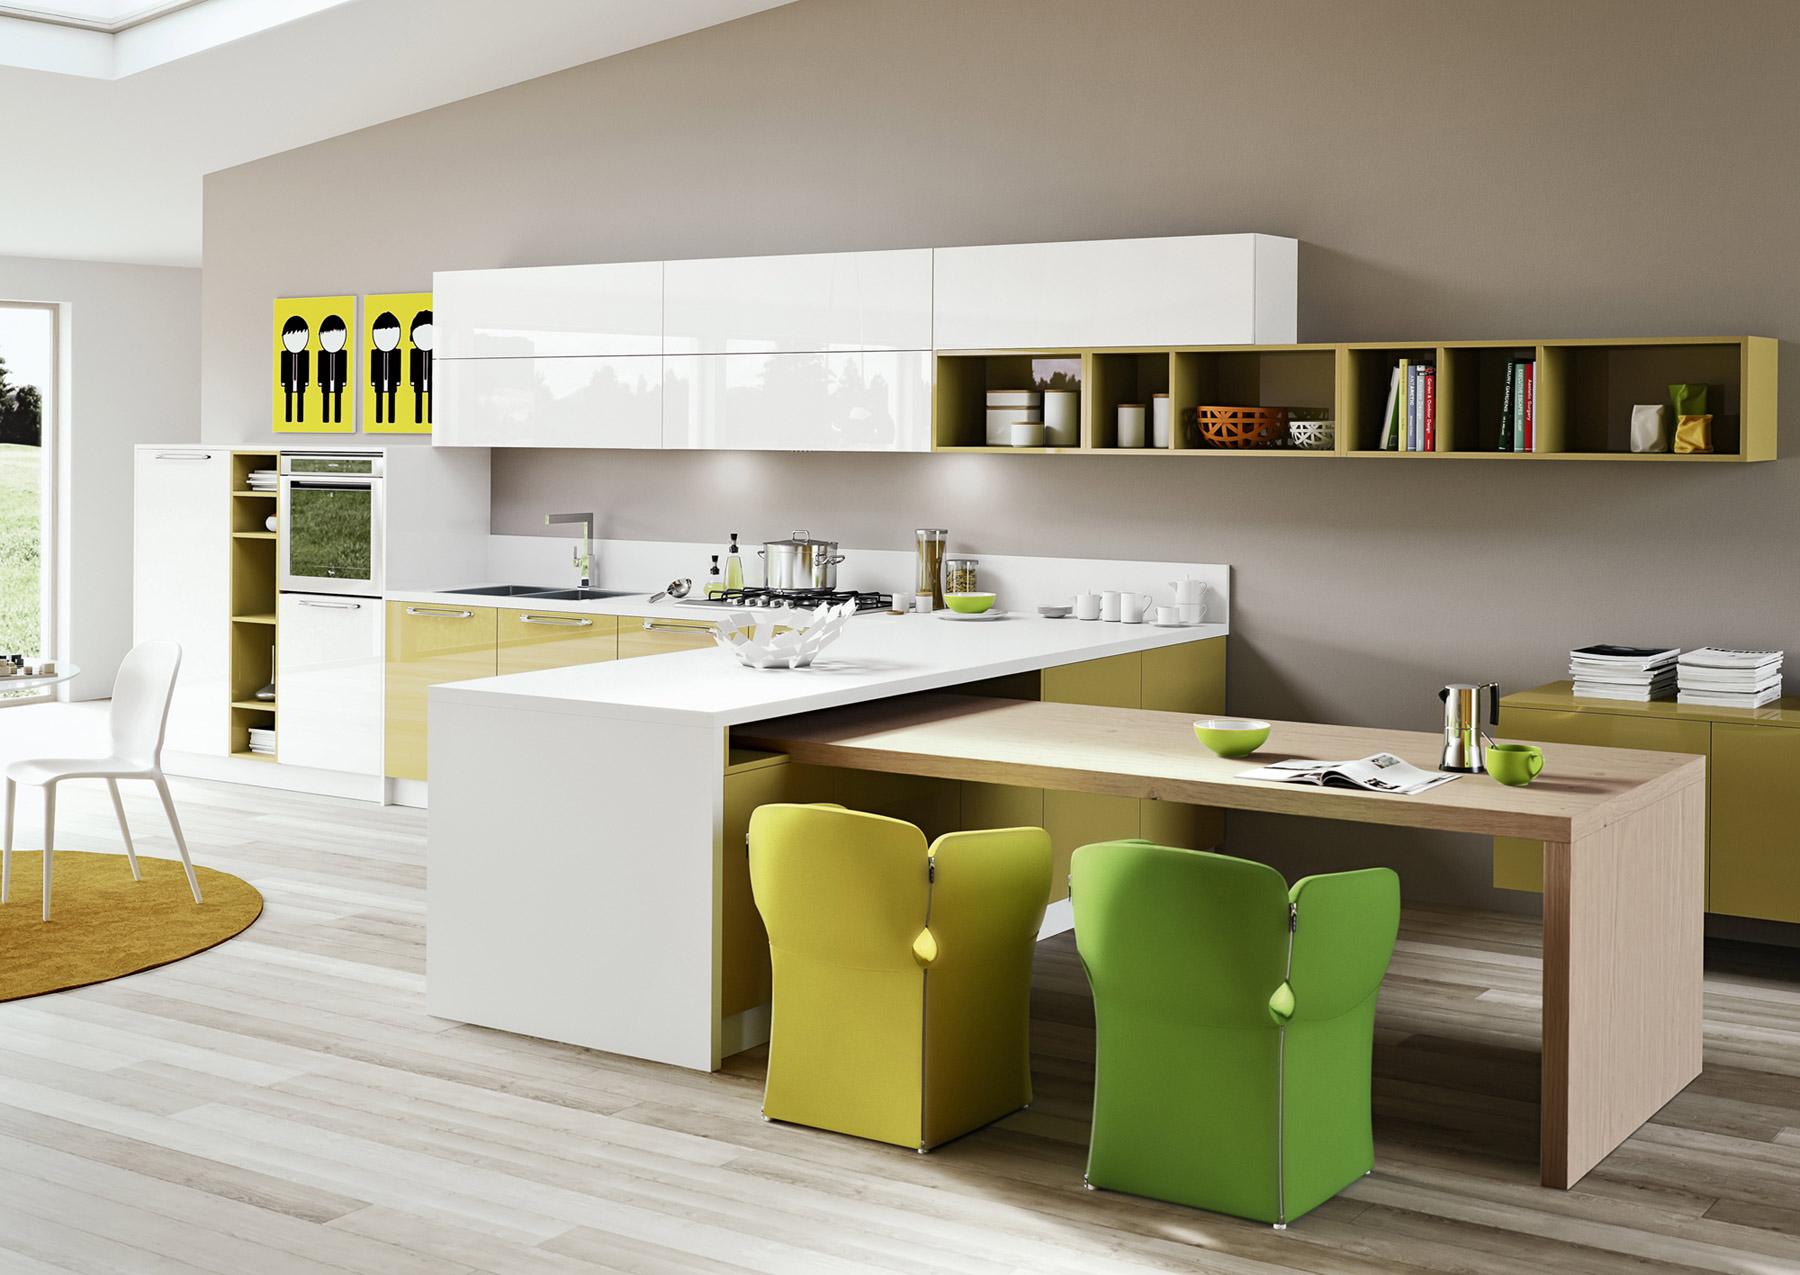 Оригинальные яркие кресла в интерьере кухни